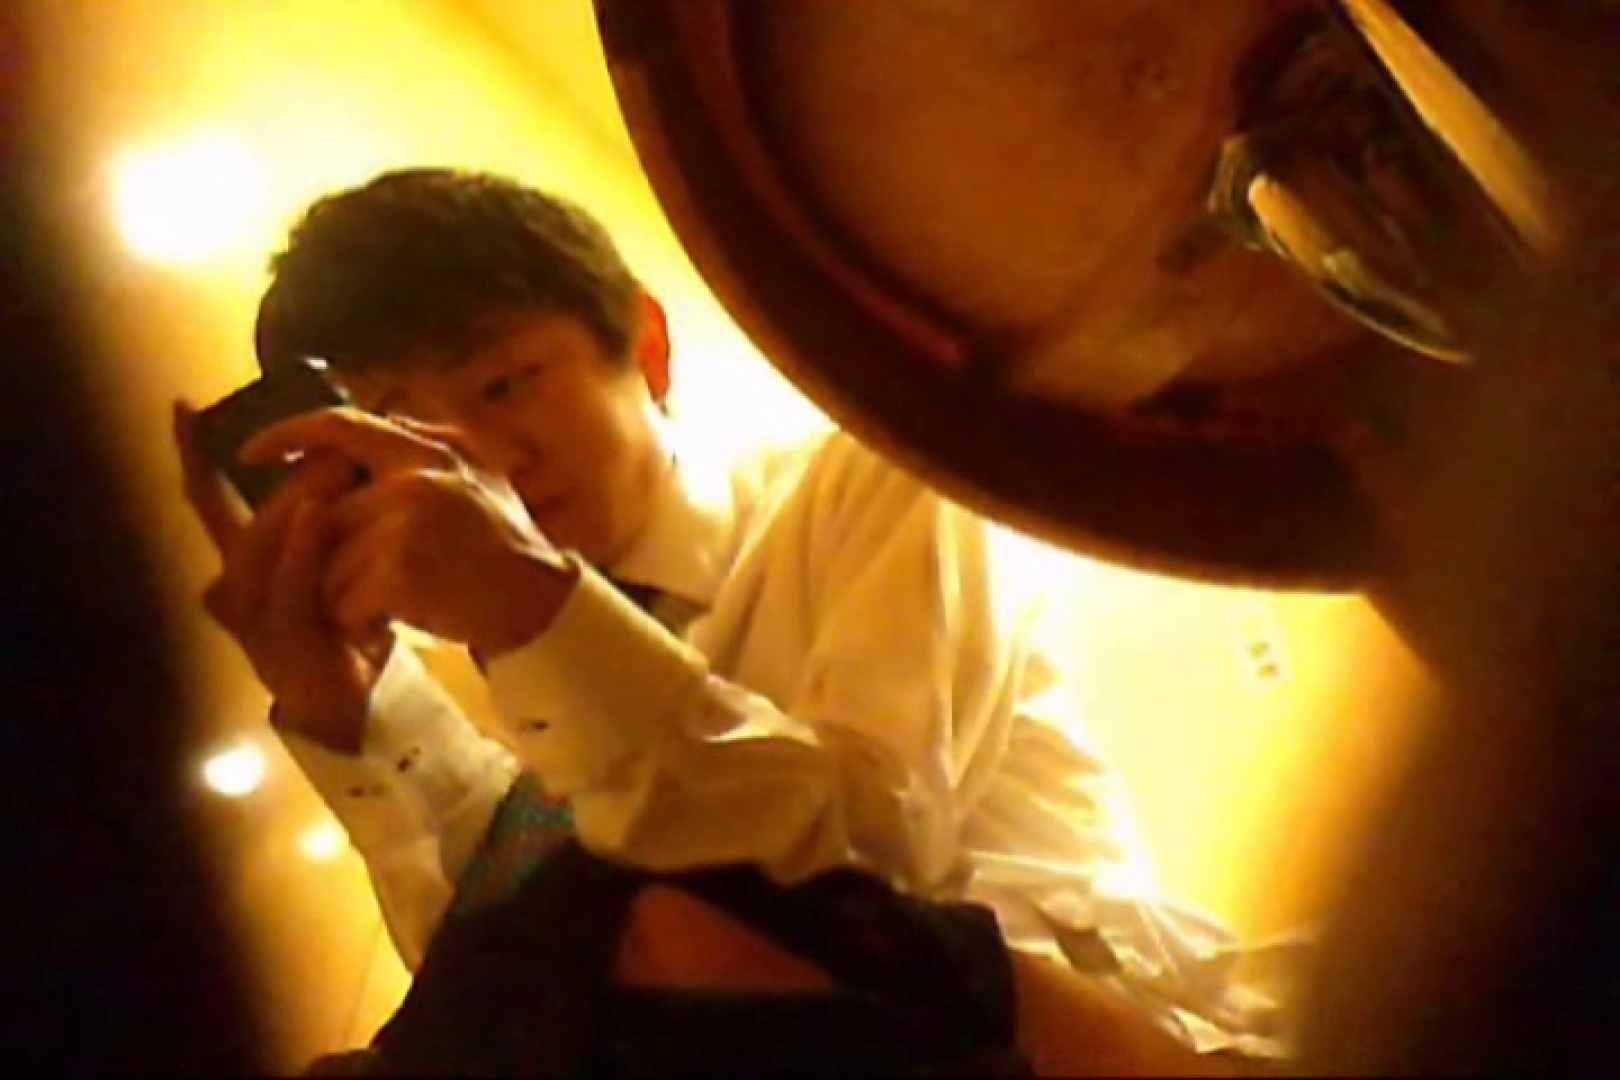 ゲイところてん|SEASON 3rd!掴み取りさんの洗面所覗き!in新幹線!VOL.25|ノンケ